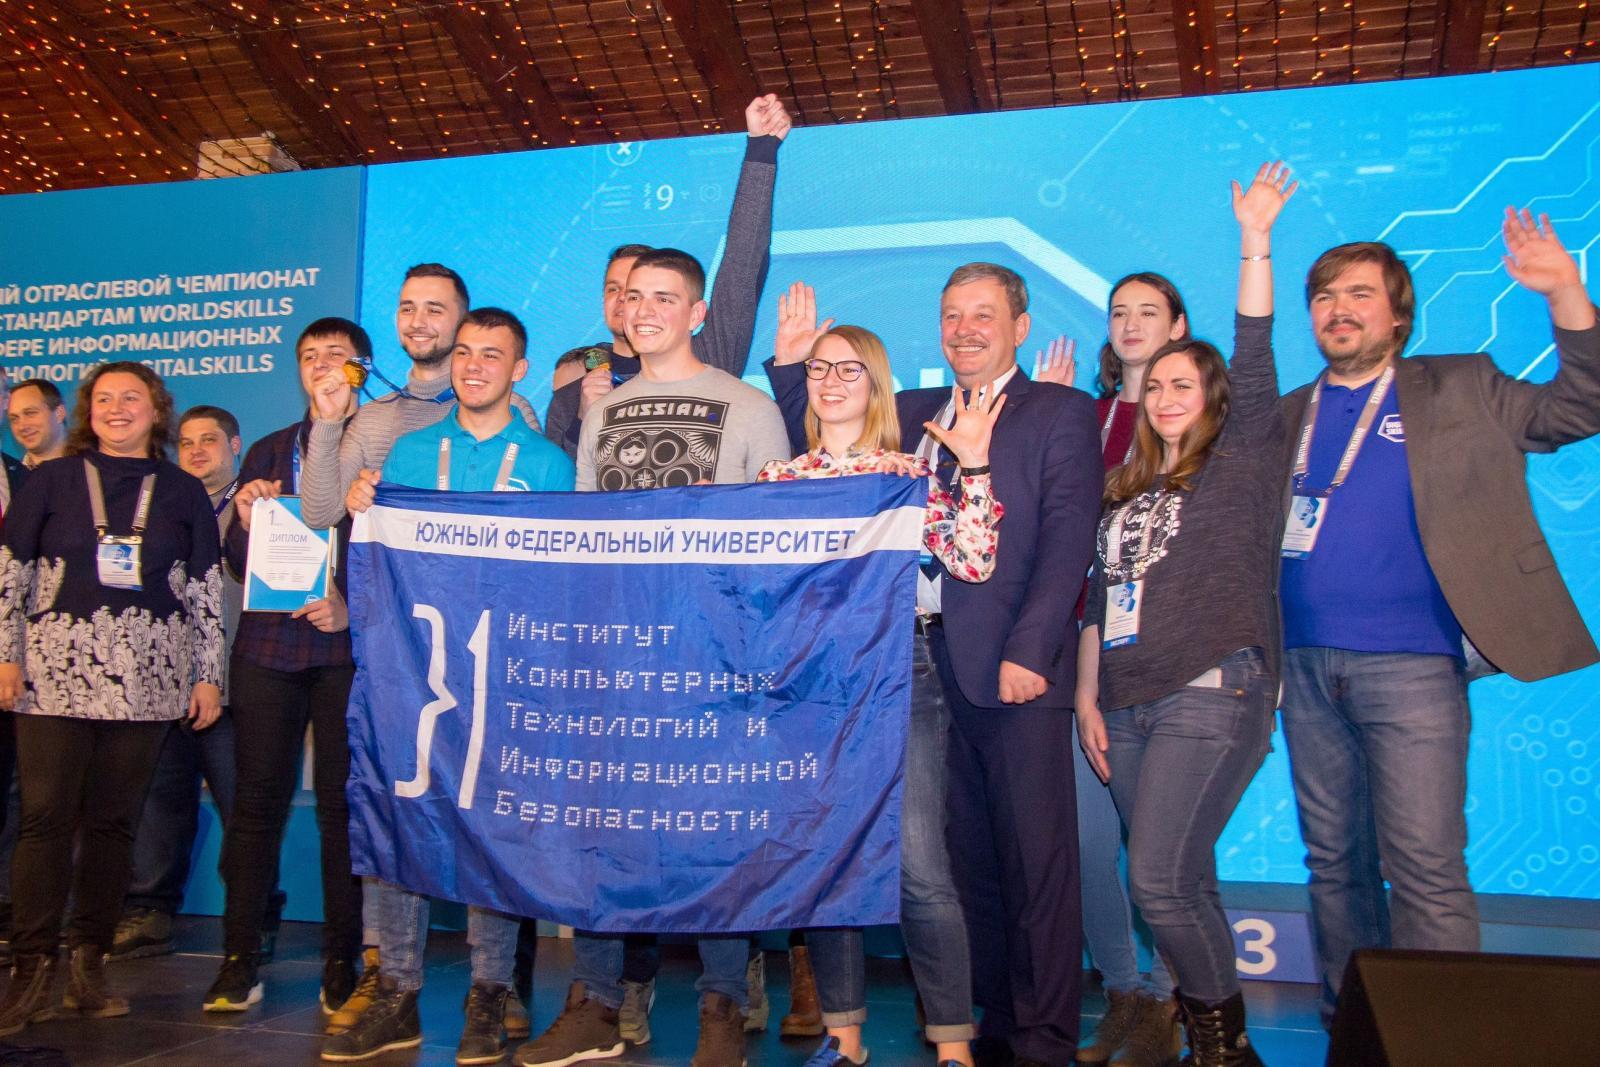 1-ый национальный чемпионат всфере информационных технологий DigitalSkills